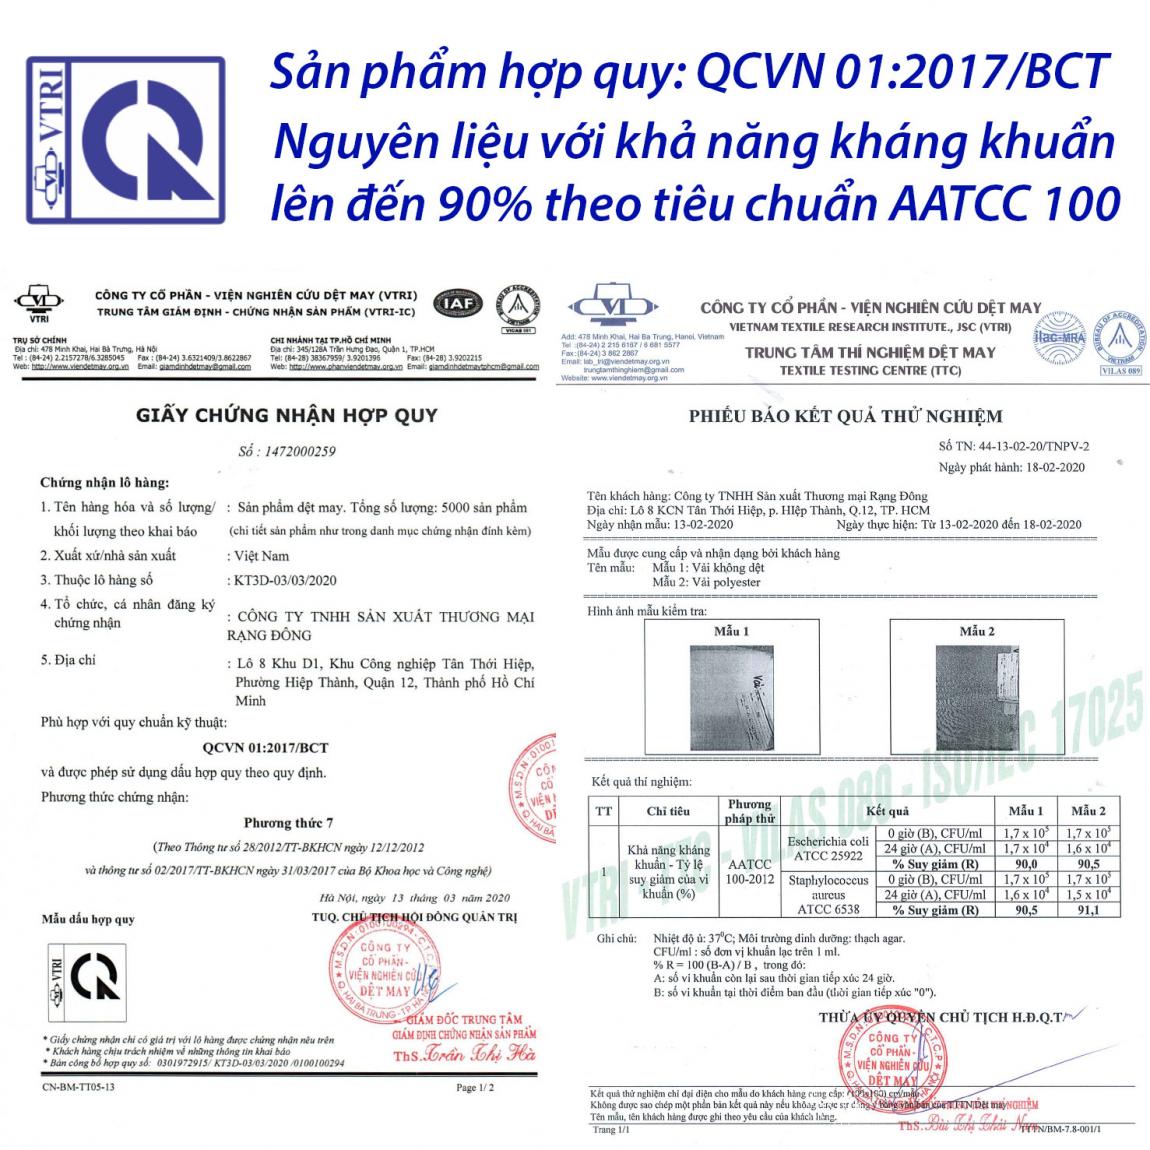 Nguyên liệu với khả năng kháng khuẩn, tỷ lệ suy giảm của vi khuẩn lên đến 90% theo tiêu chuẩn AATCC 100-2012 được giám định bởi Viện Nghiên Cứu Dệt May TPHCM